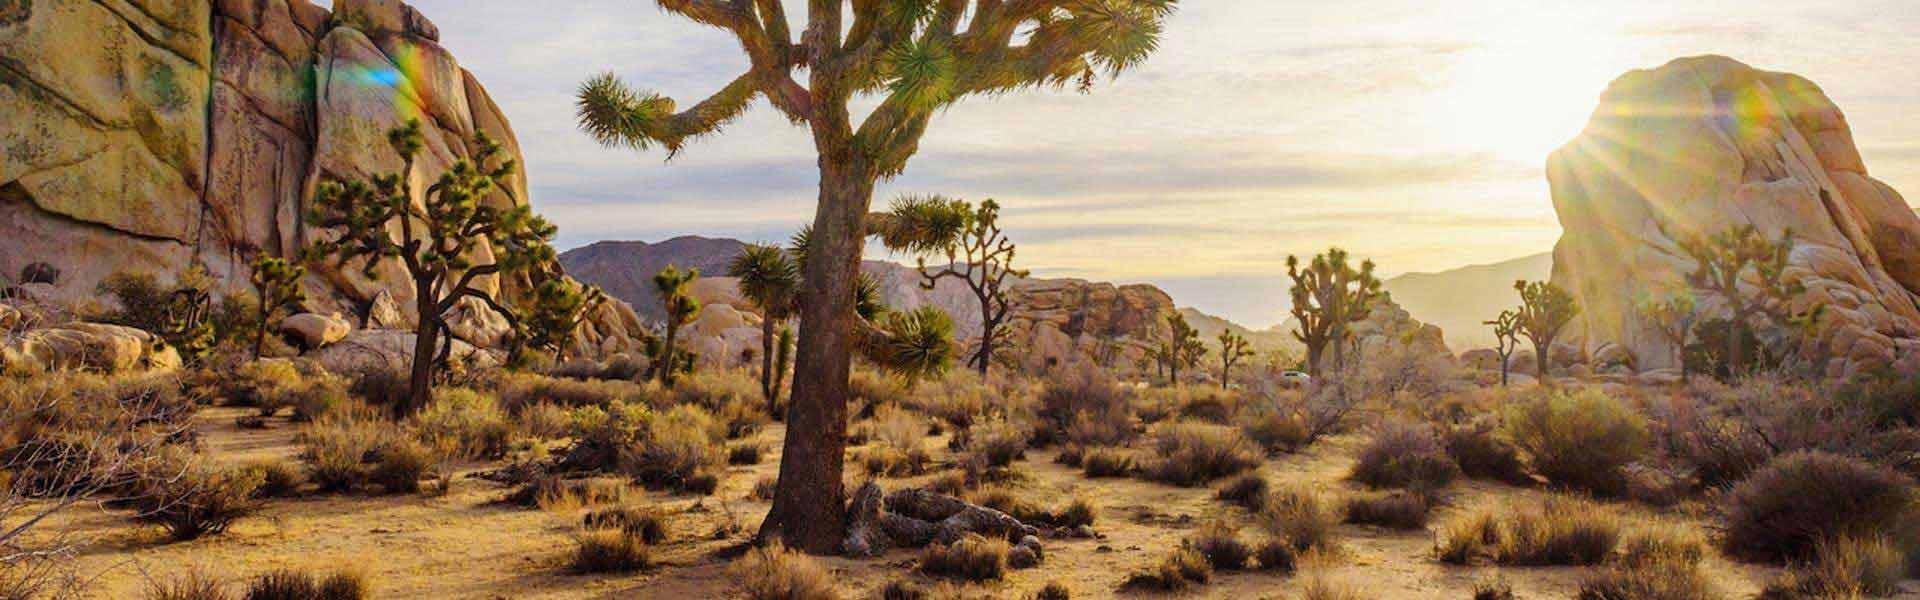 Ontdek het Joshua Tree National Park tijdens een camperreis door West-Amerika